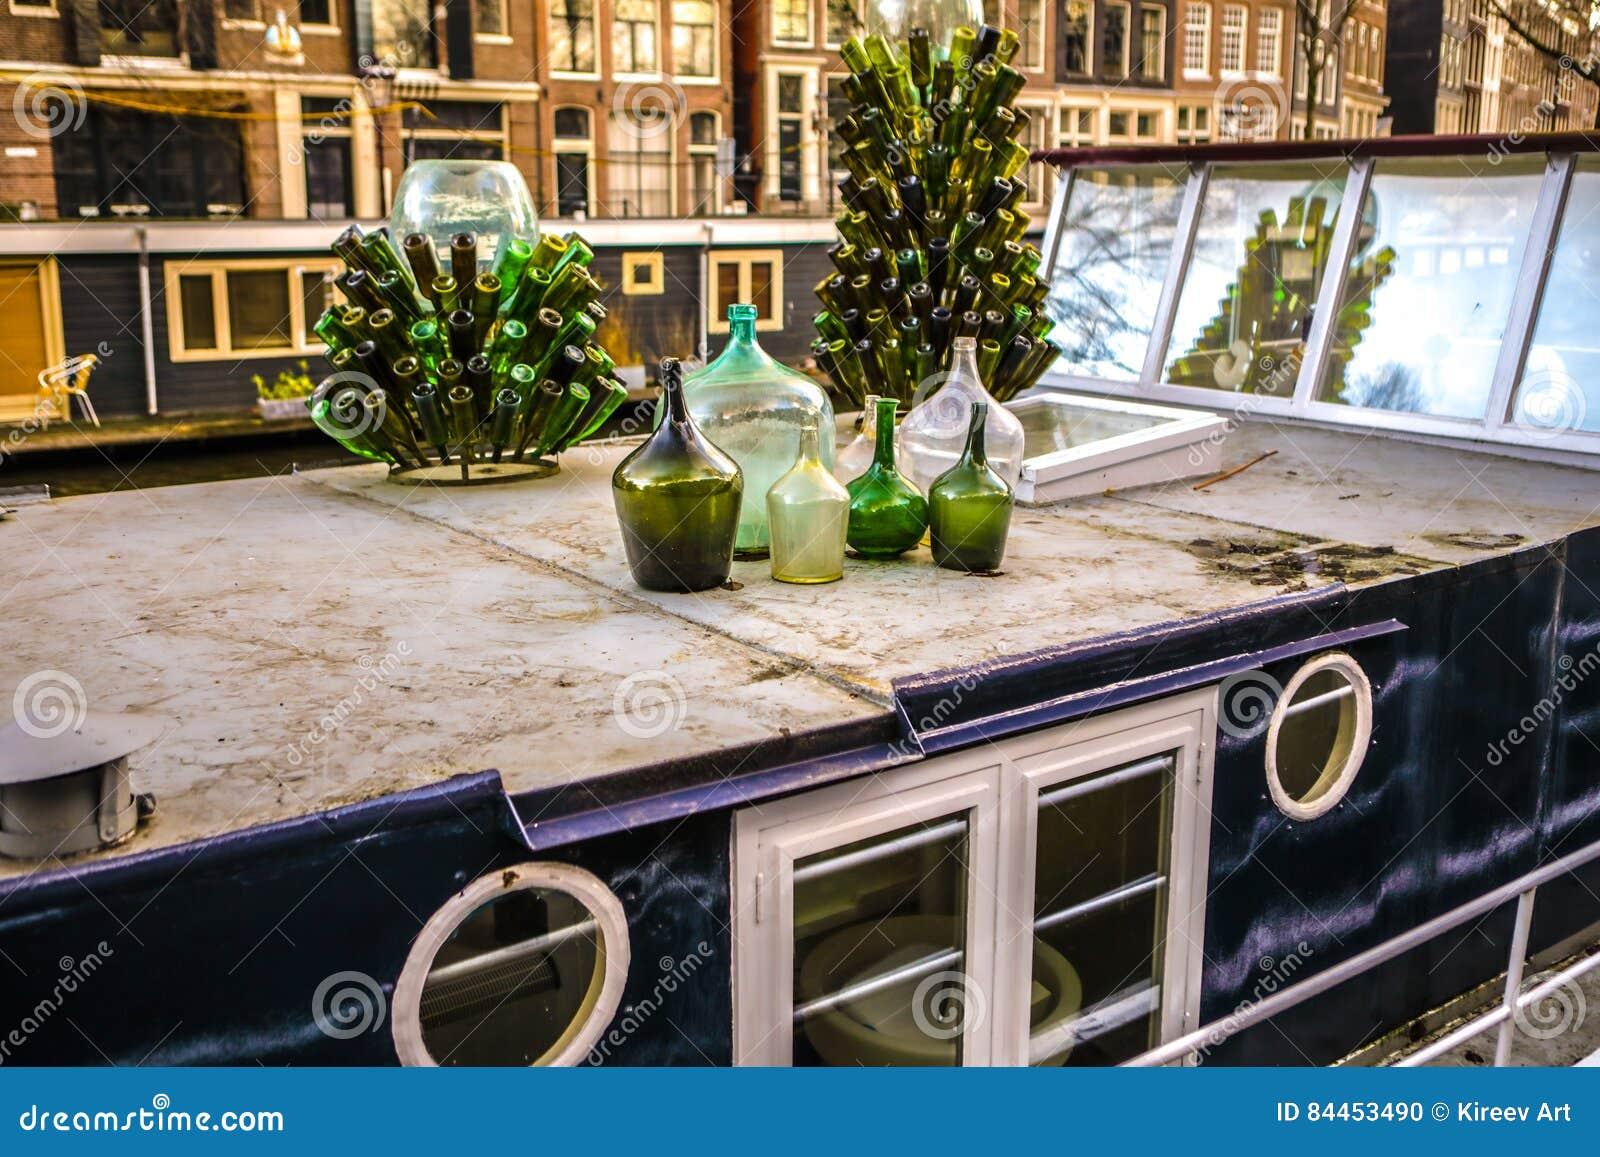 Bouteilles en verre vertes en tant qu élément décoratif